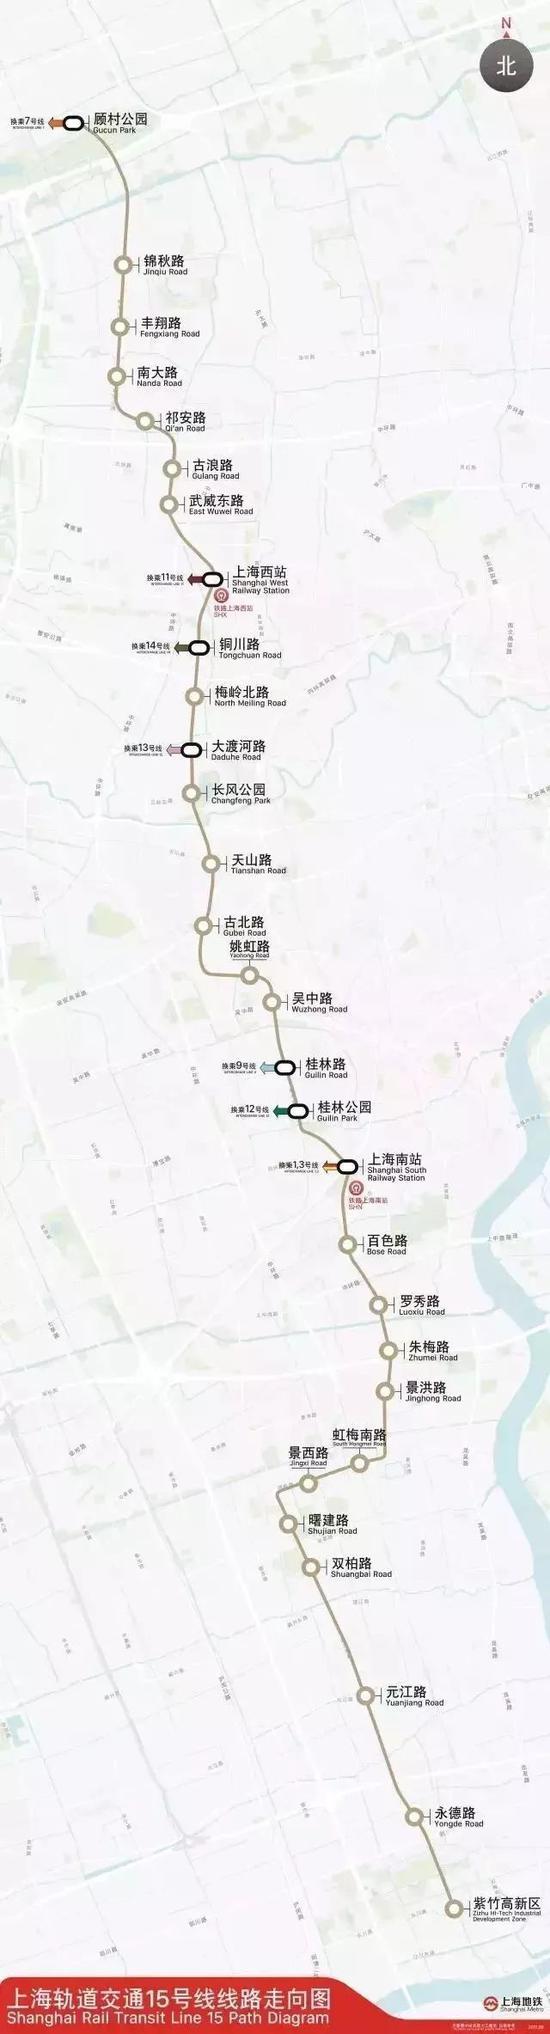 上海轨道交通15号线全线领悟闵行宝山等5个区